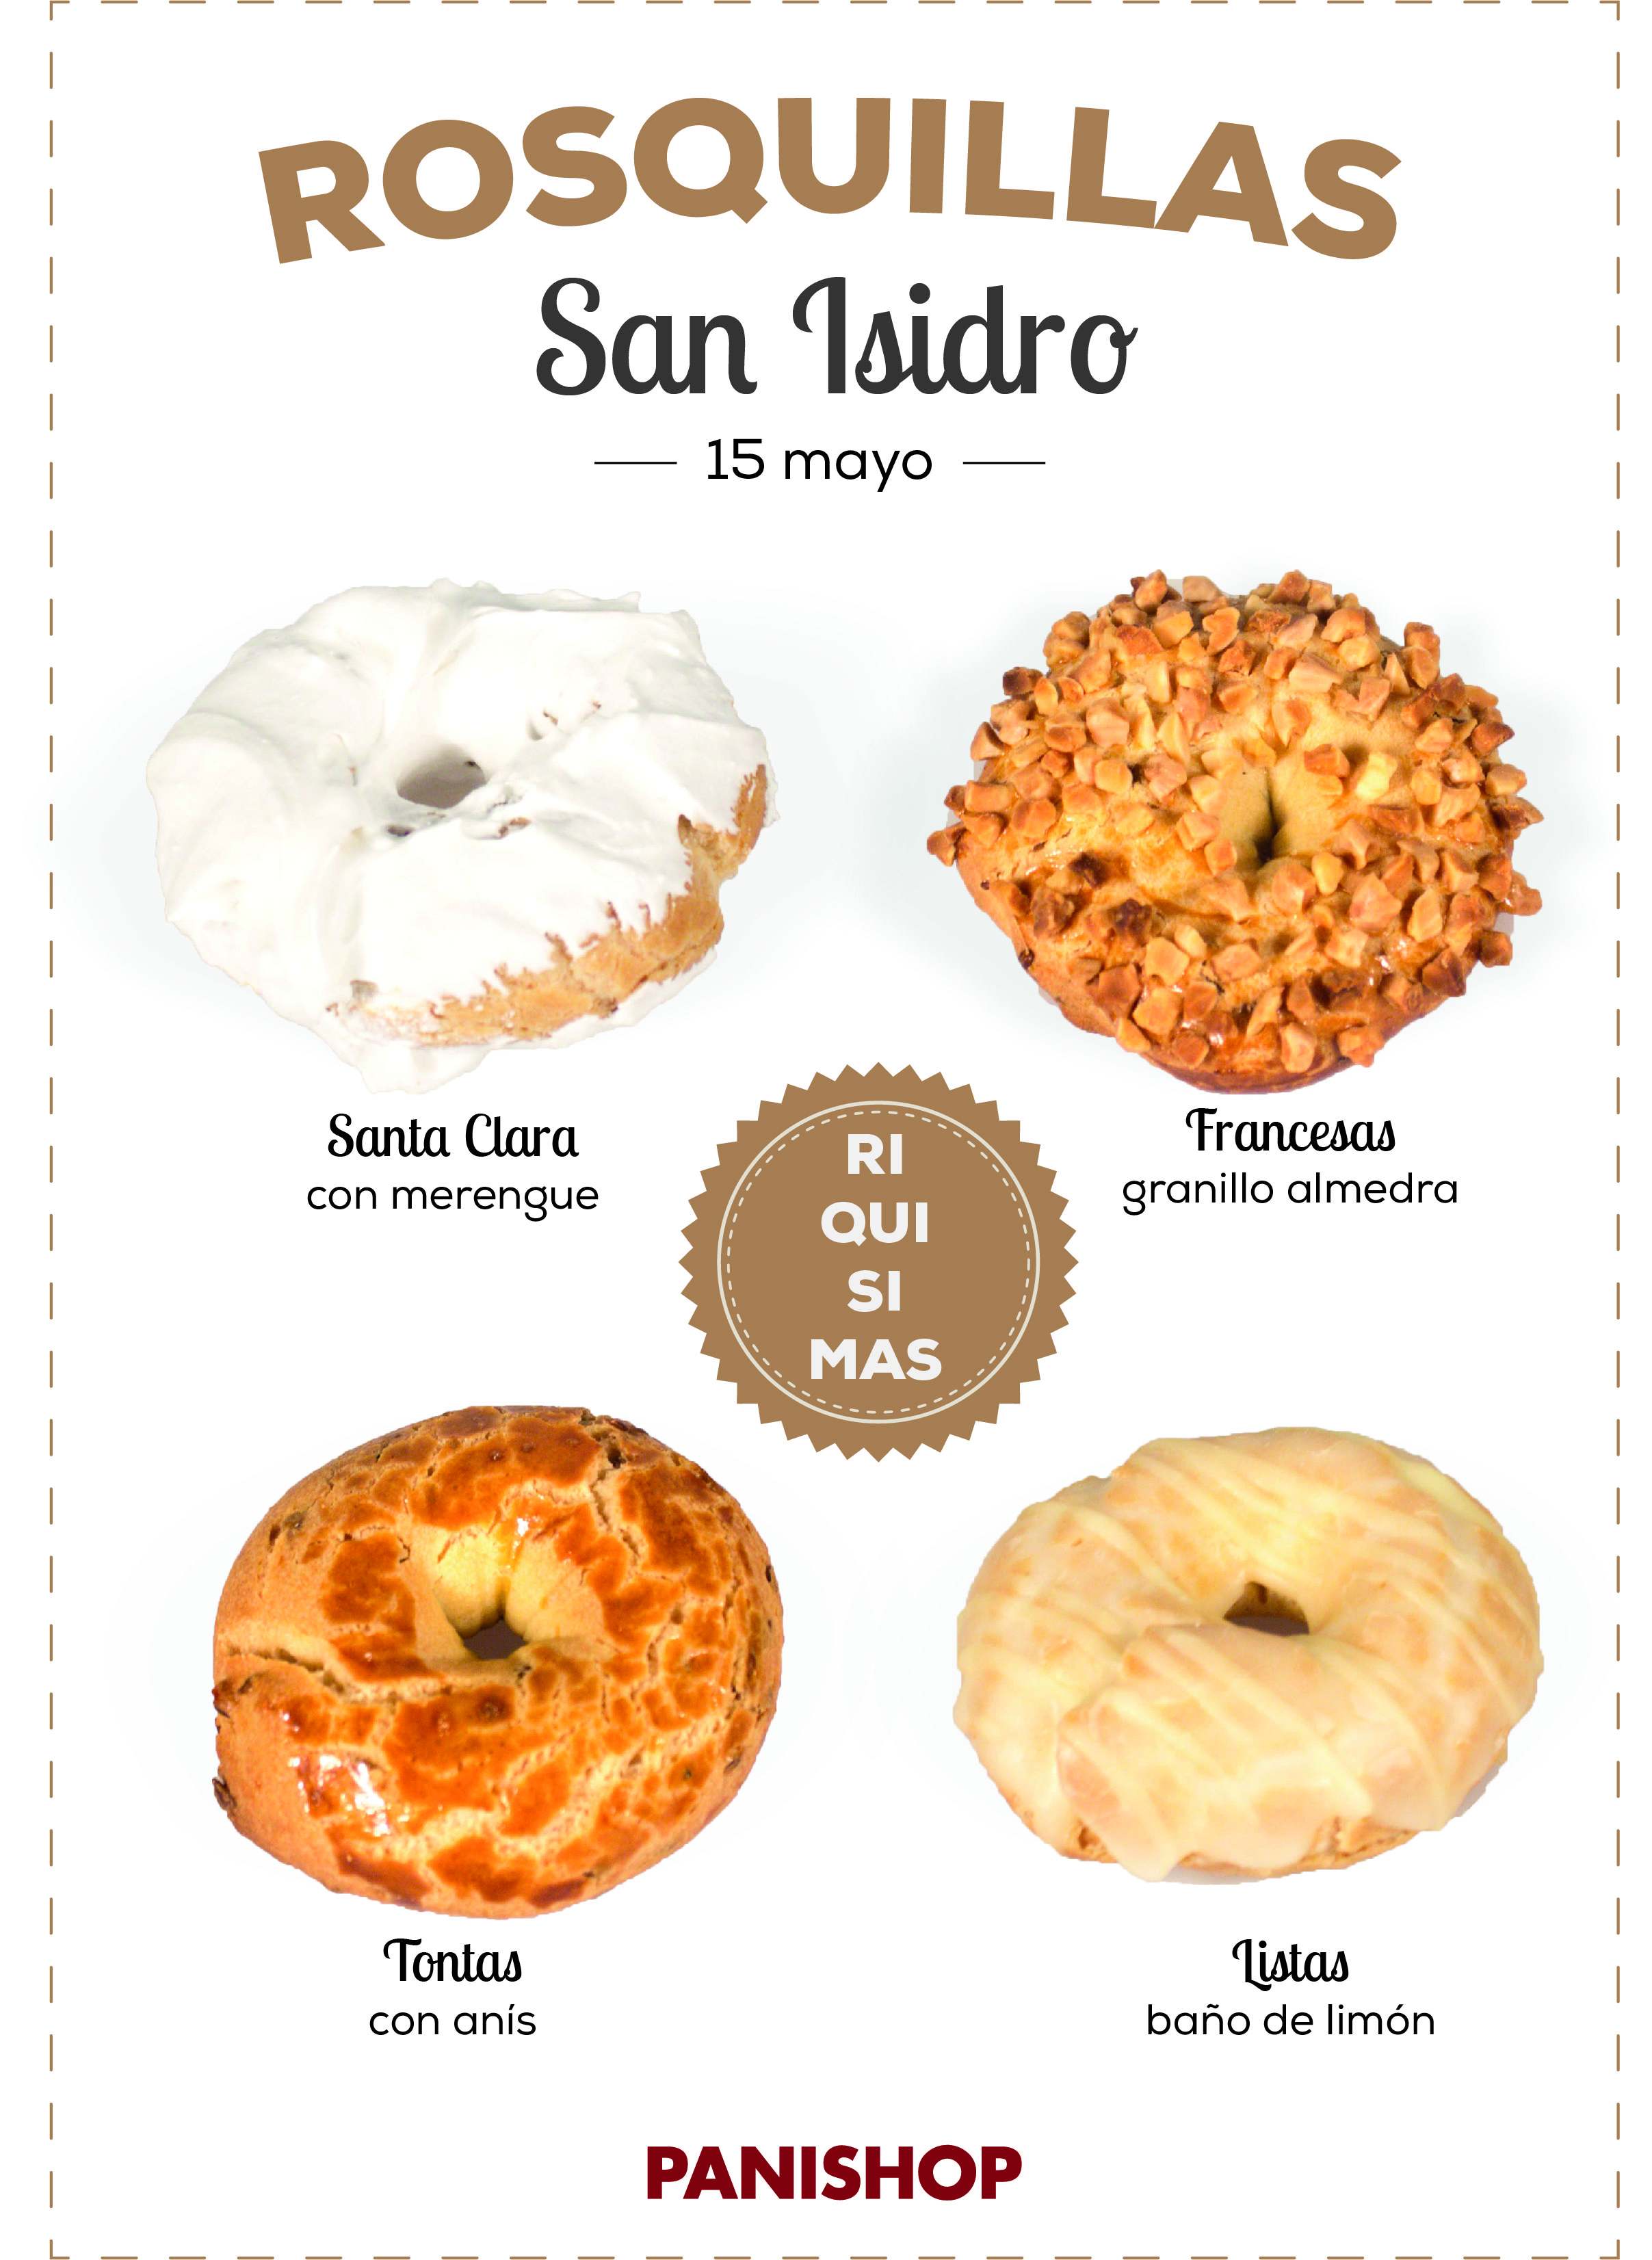 Rosquillas de San Isidro como marca la tradición